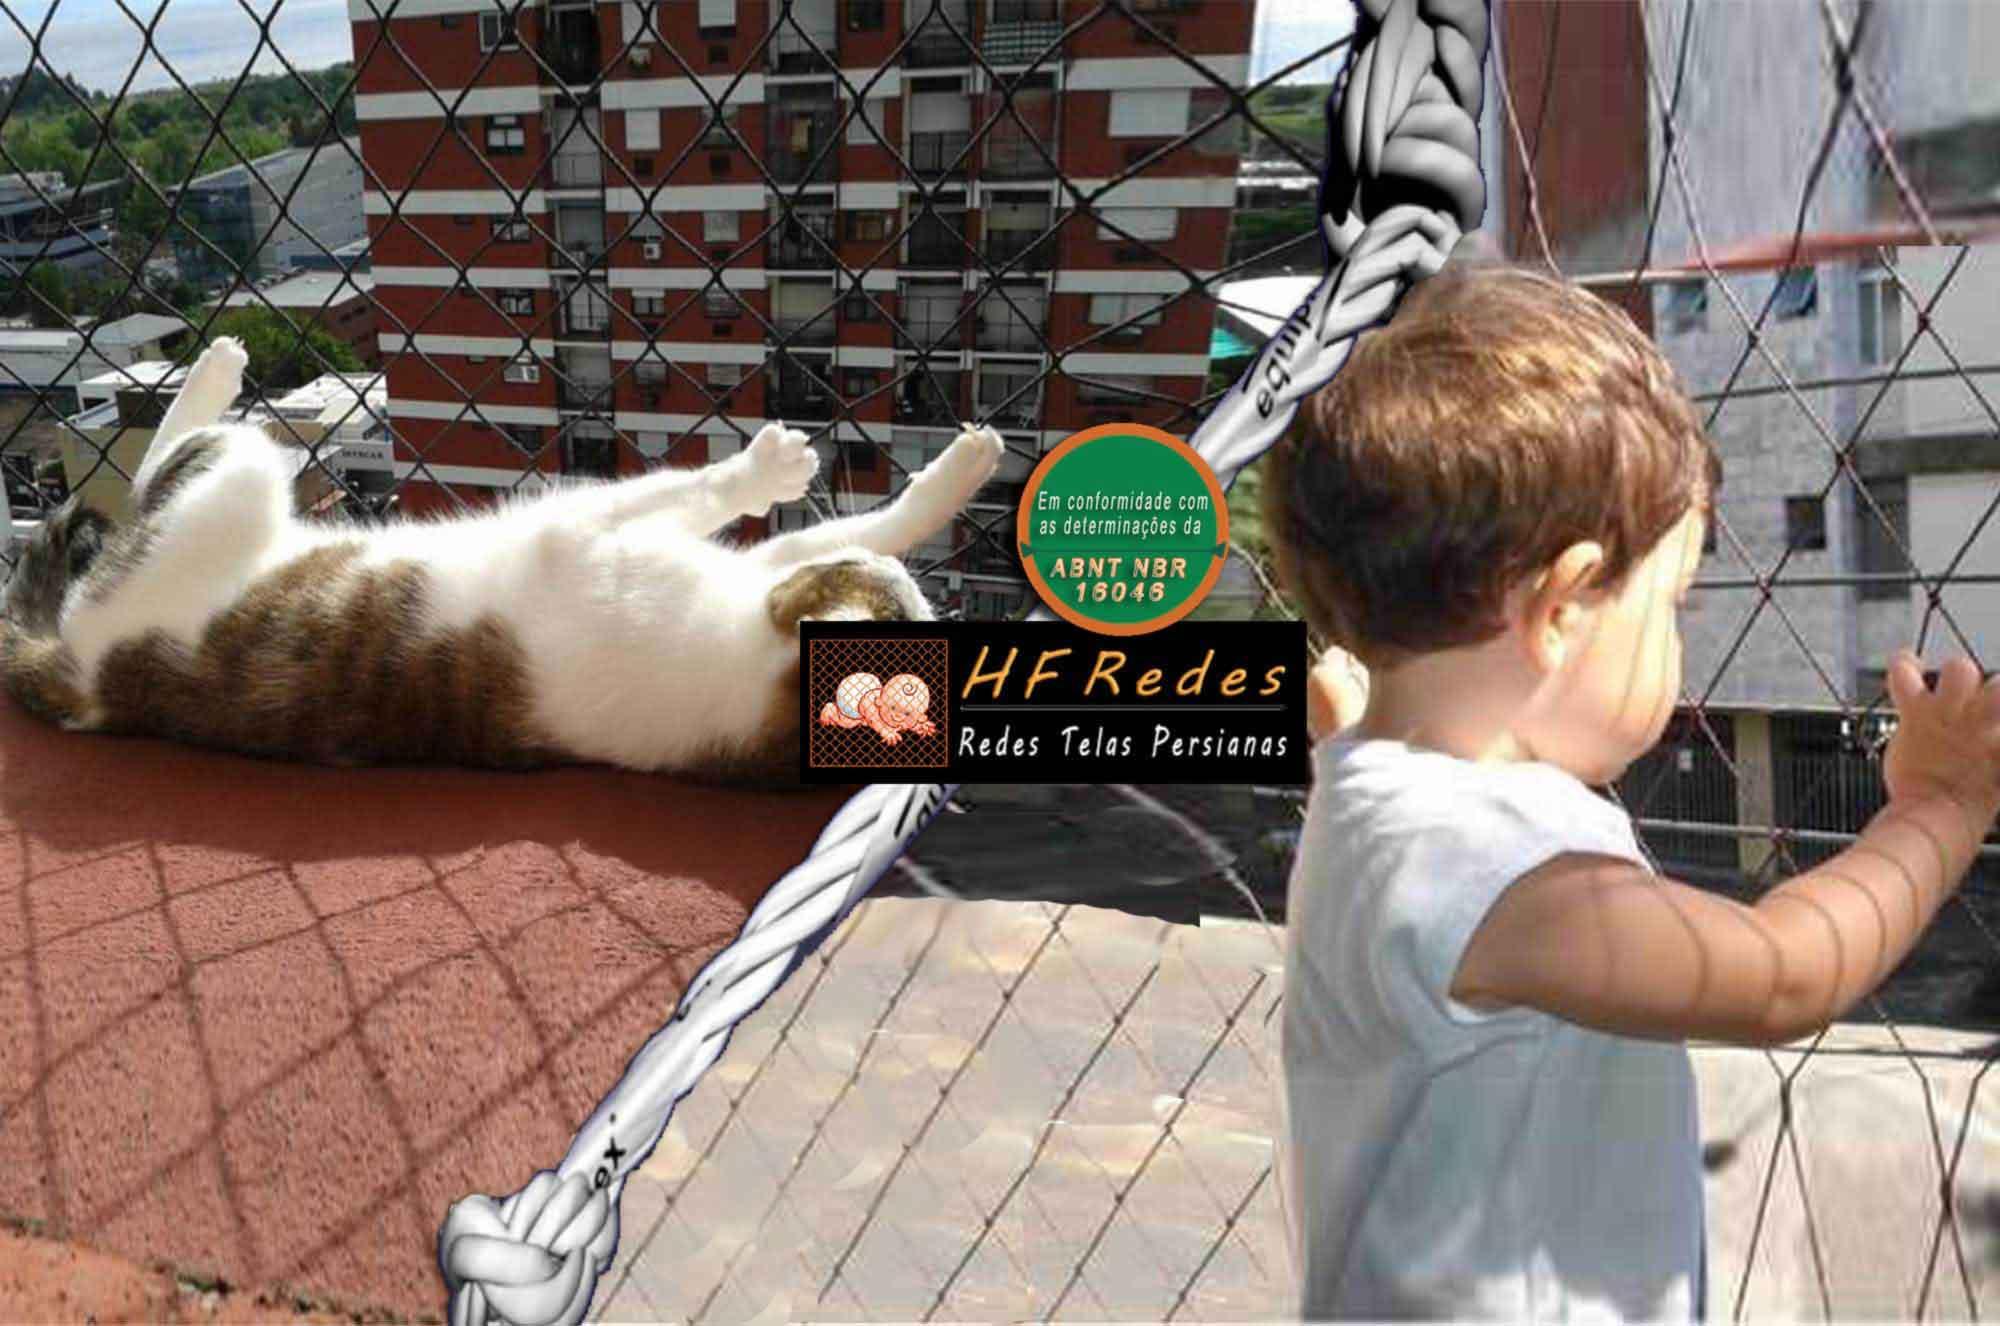 [HF Redes - Proteja seu filhos e animais domésticos com redes de proteção, Rede de proteção para janelas, Telas de Proteção, Telas mosquiteiras, Tela para janela]